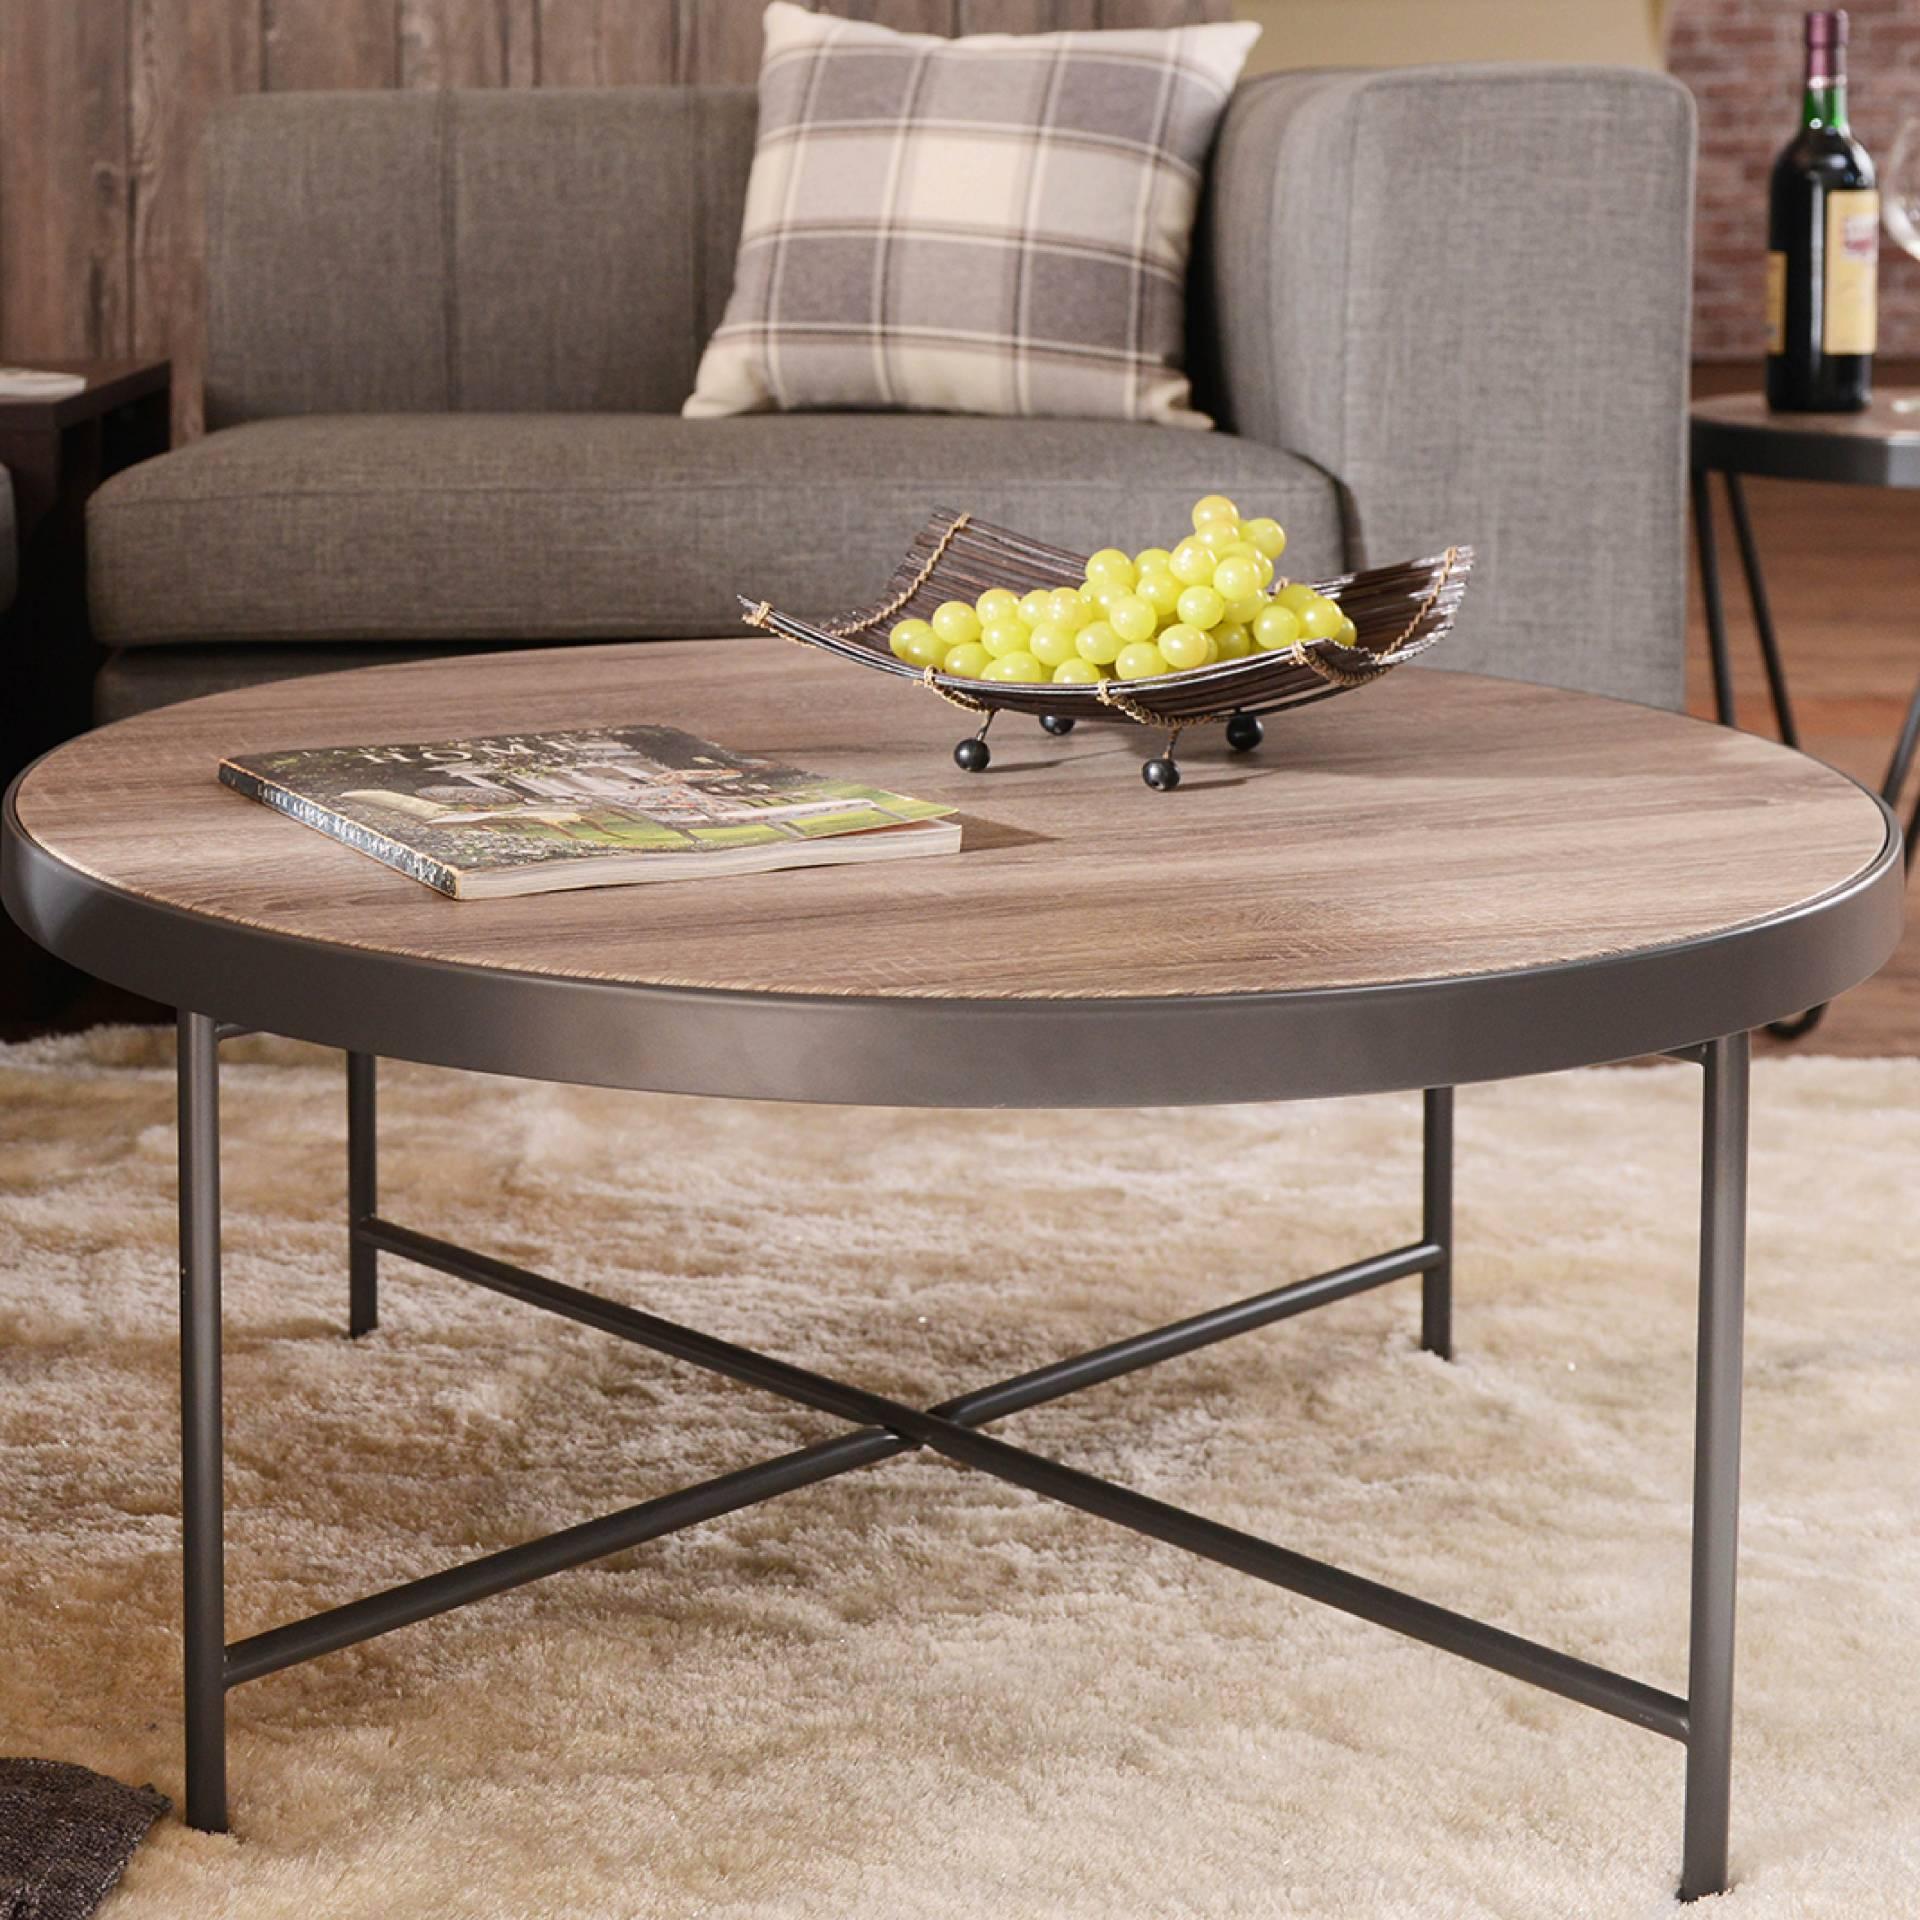 fd492ac34b226 Hlavní obrázek, obývací pokoj, pohovka, kulatý konferenční stolek